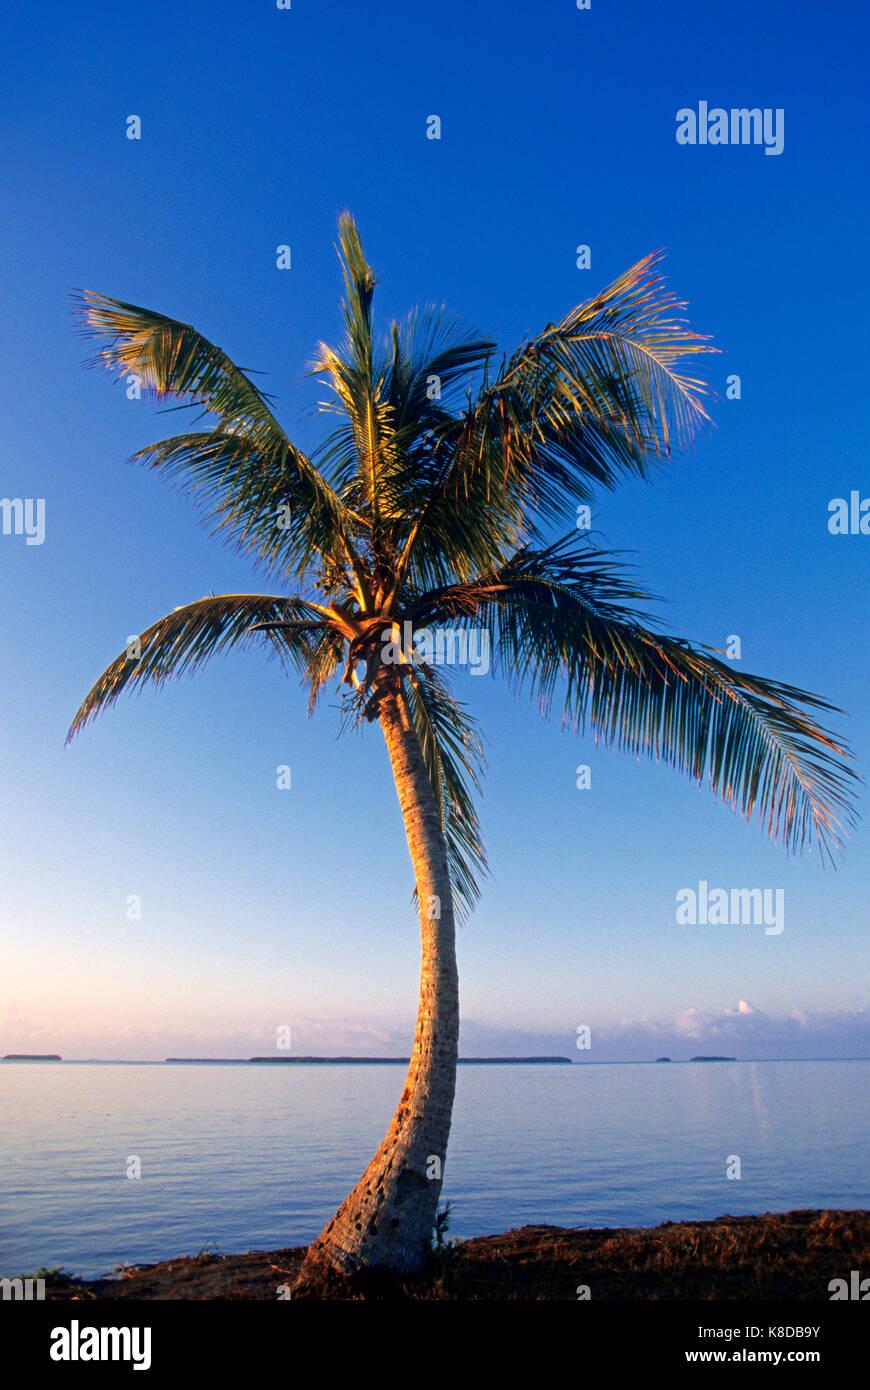 Coconut Palm, Everglades national park, Florida, USA / (Cocos nucifera) | Kokospalme, Everglades Nationalpark, Florida, - Stock Image